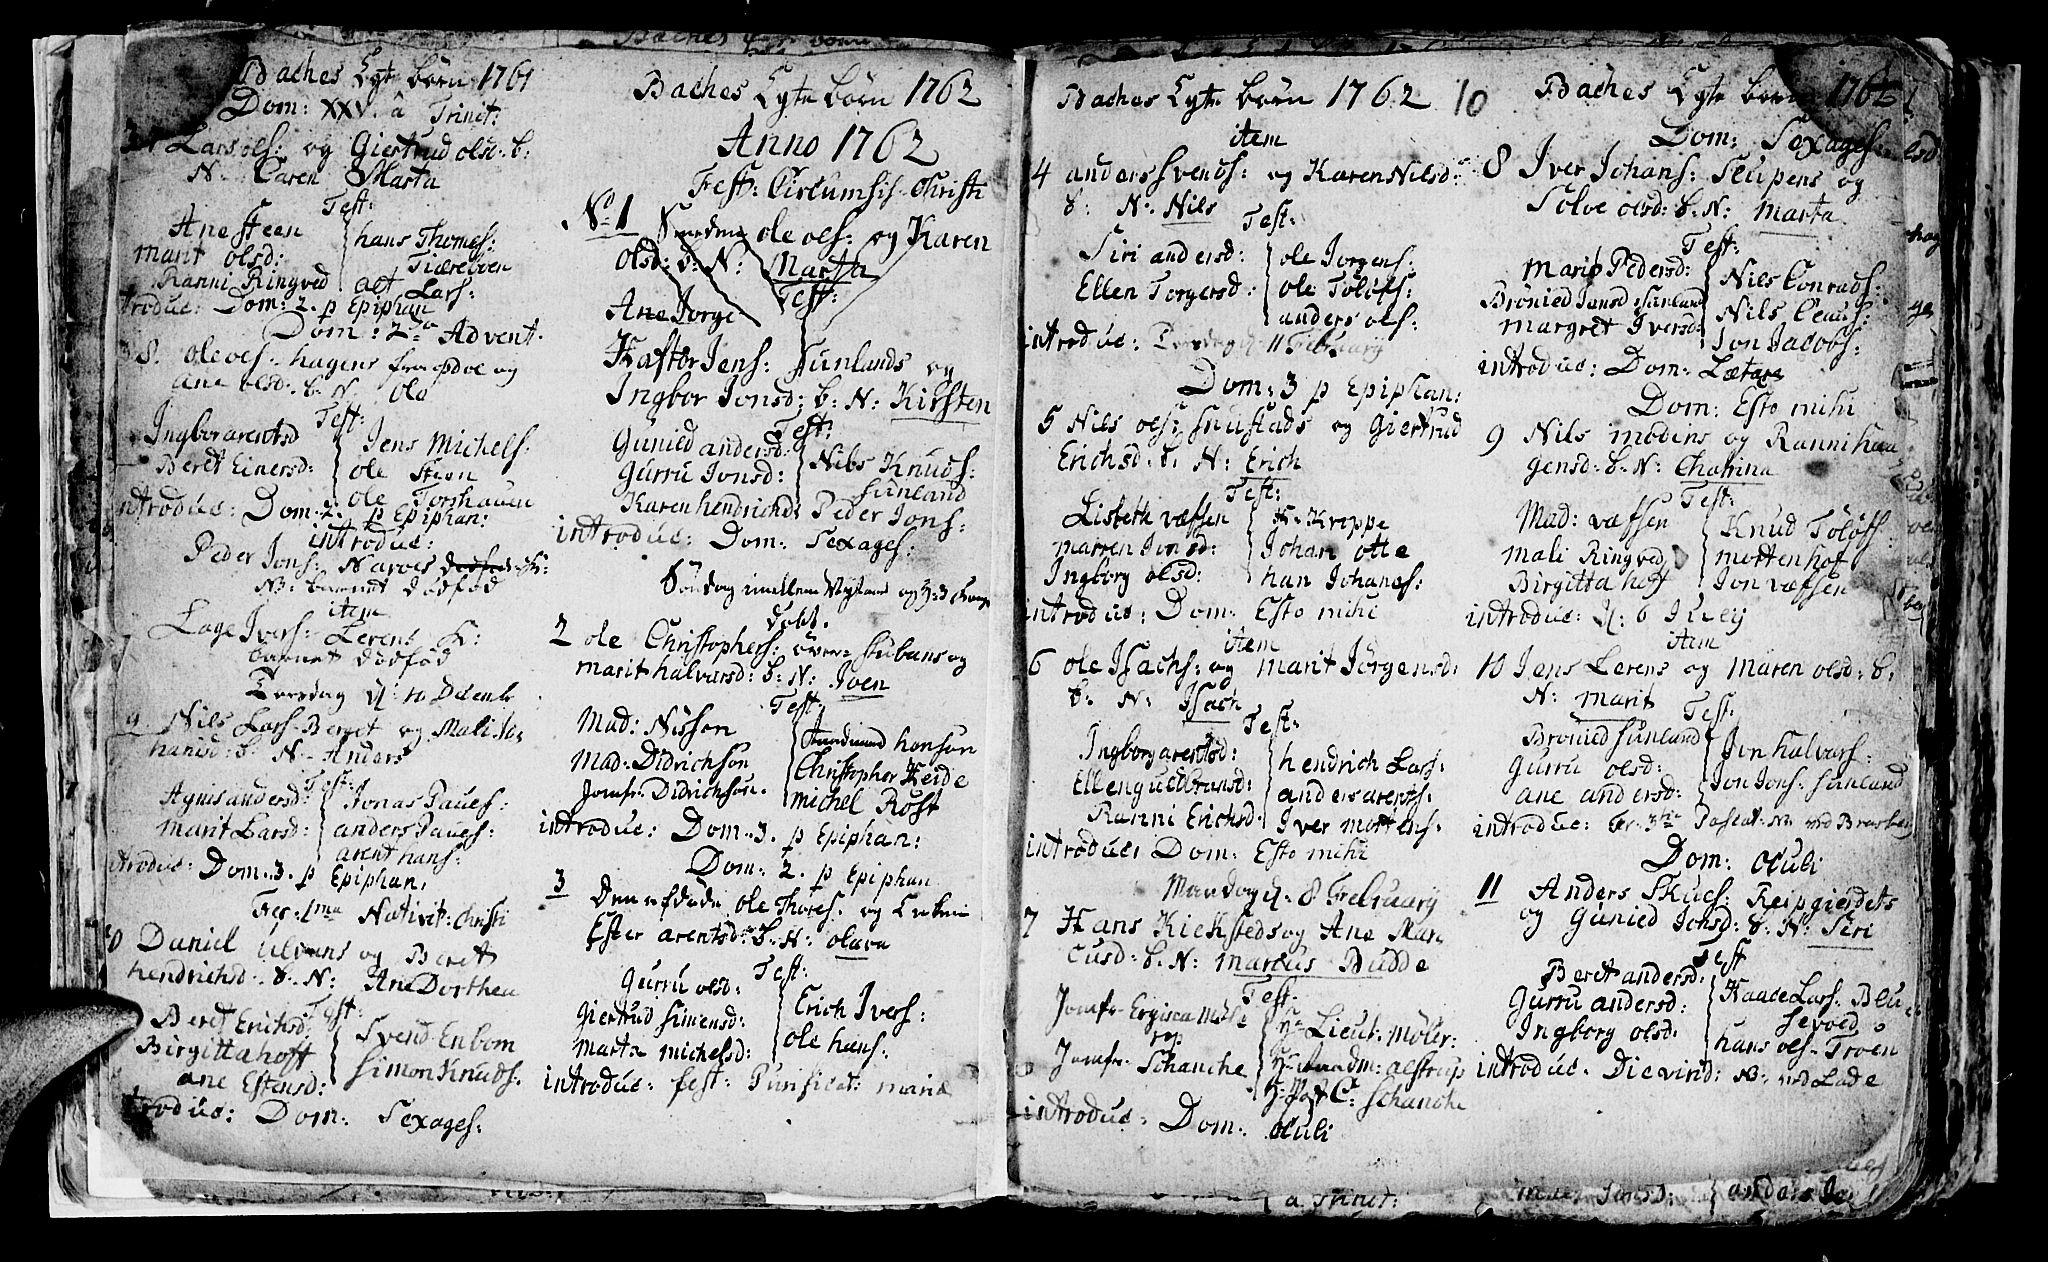 SAT, Ministerialprotokoller, klokkerbøker og fødselsregistre - Sør-Trøndelag, 604/L0218: Klokkerbok nr. 604C01, 1754-1819, s. 10